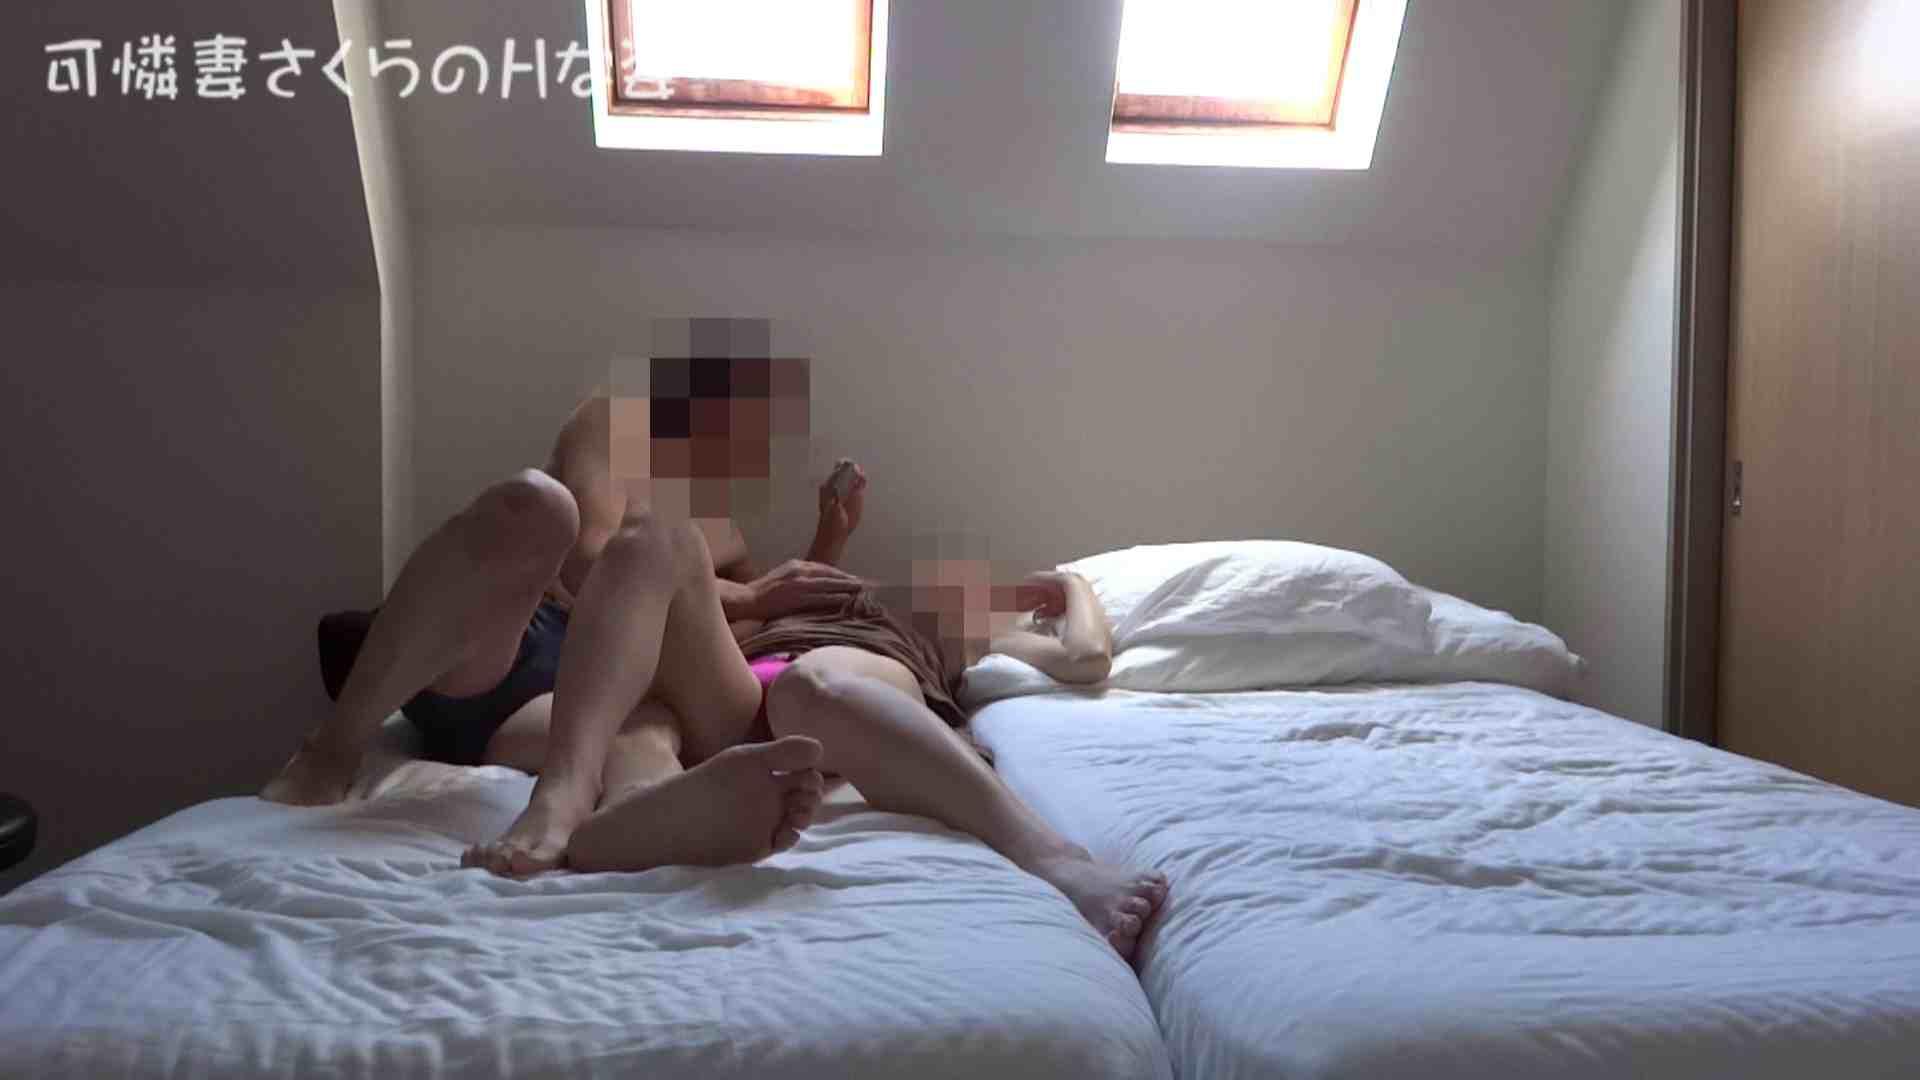 可憐妻さくらのHな姿vol.14 HなOL われめAV動画紹介 91pic 22